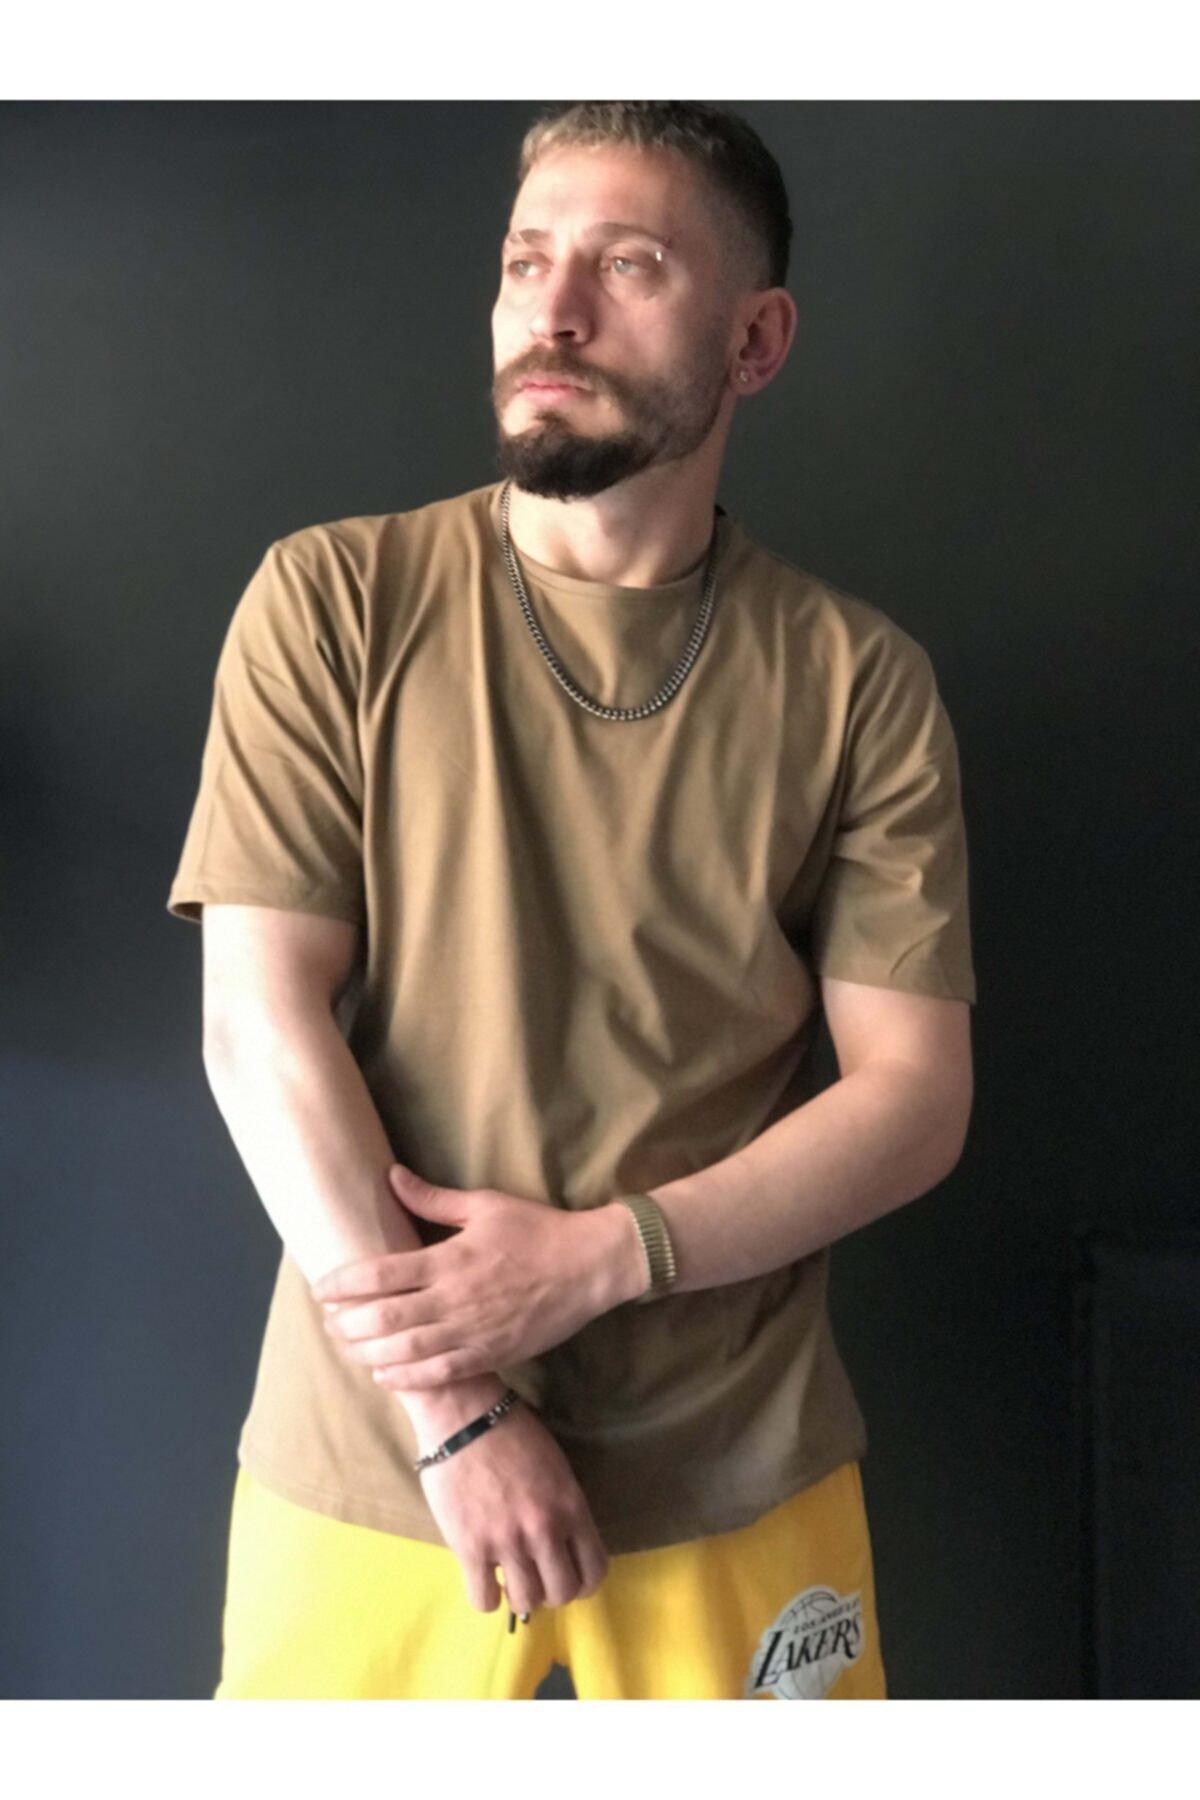 EmekGelinlikEvi Unisex Zeytin Yeşili Düz OversizeT-shirt 2